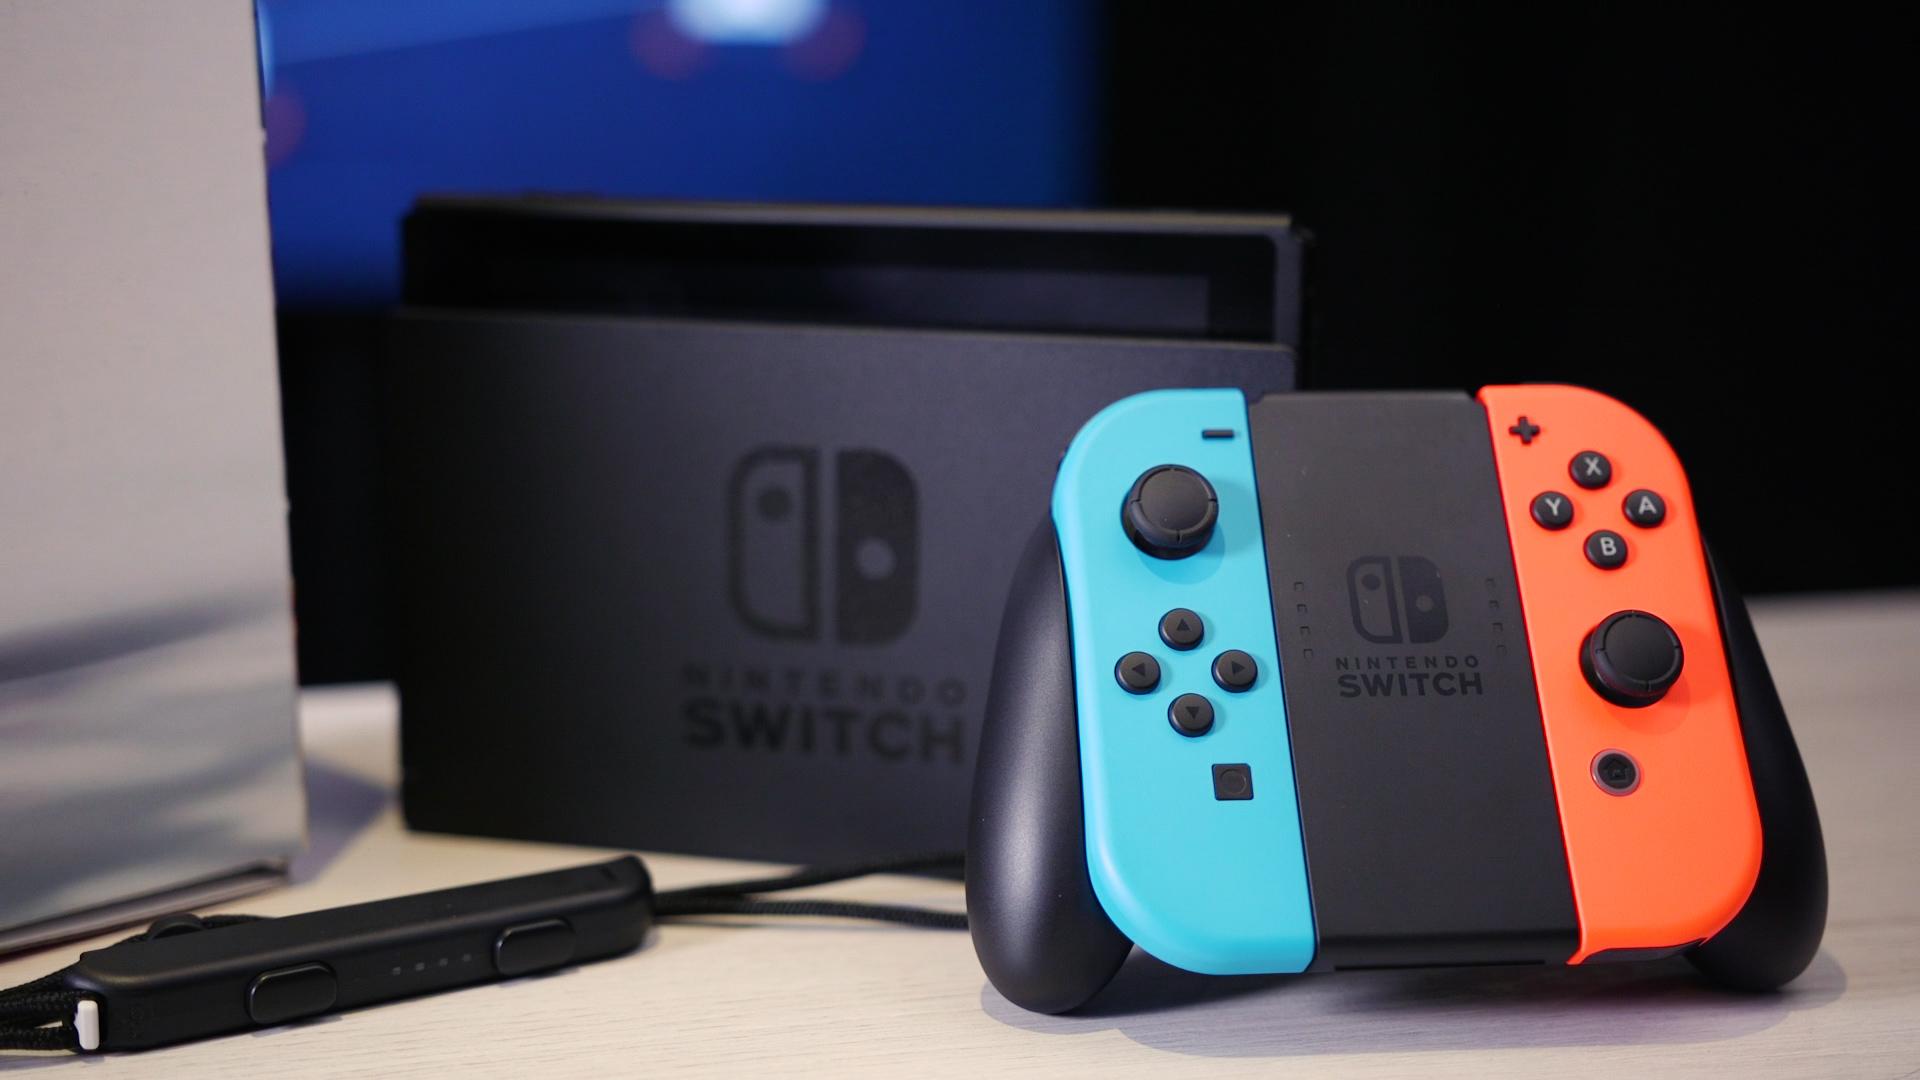 RiME sarà disponibile su Nintendo Switch a partire dal 17 novembre